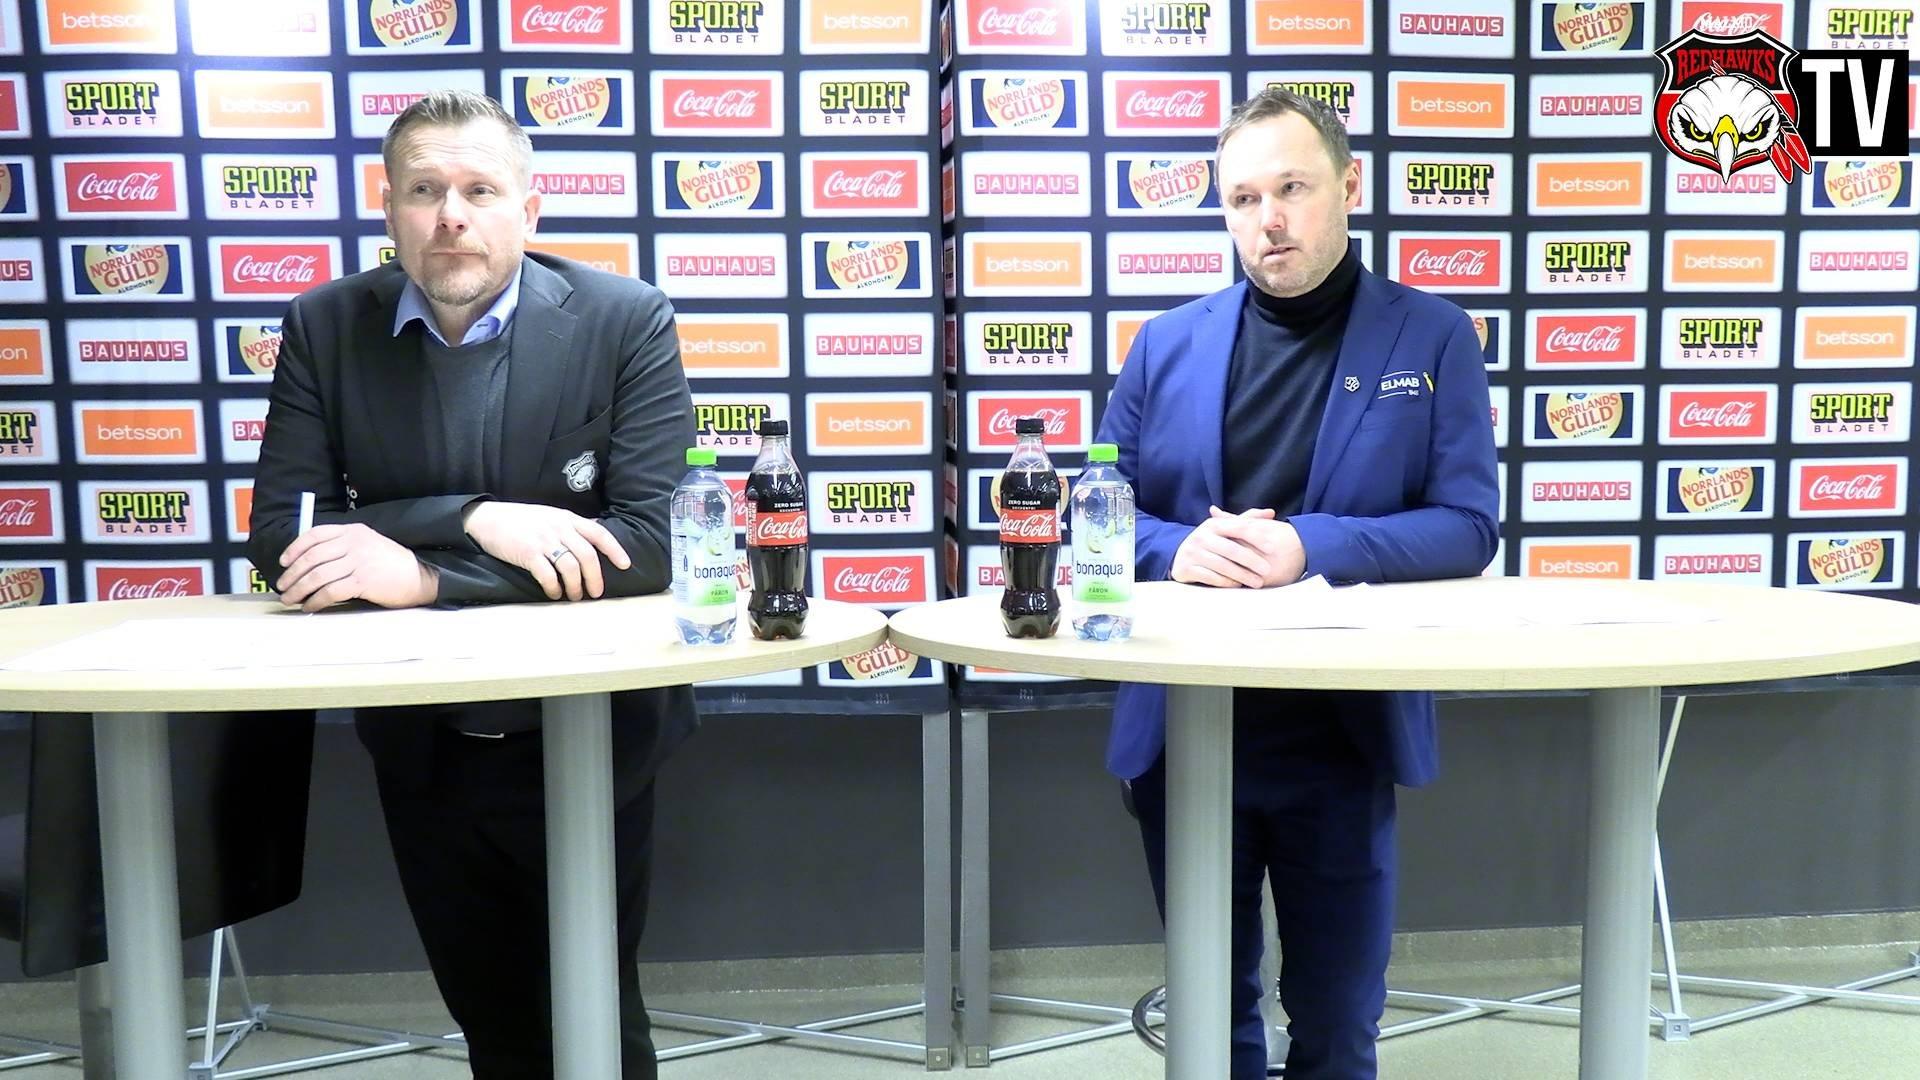 Presskonferens Malmö - Leksand